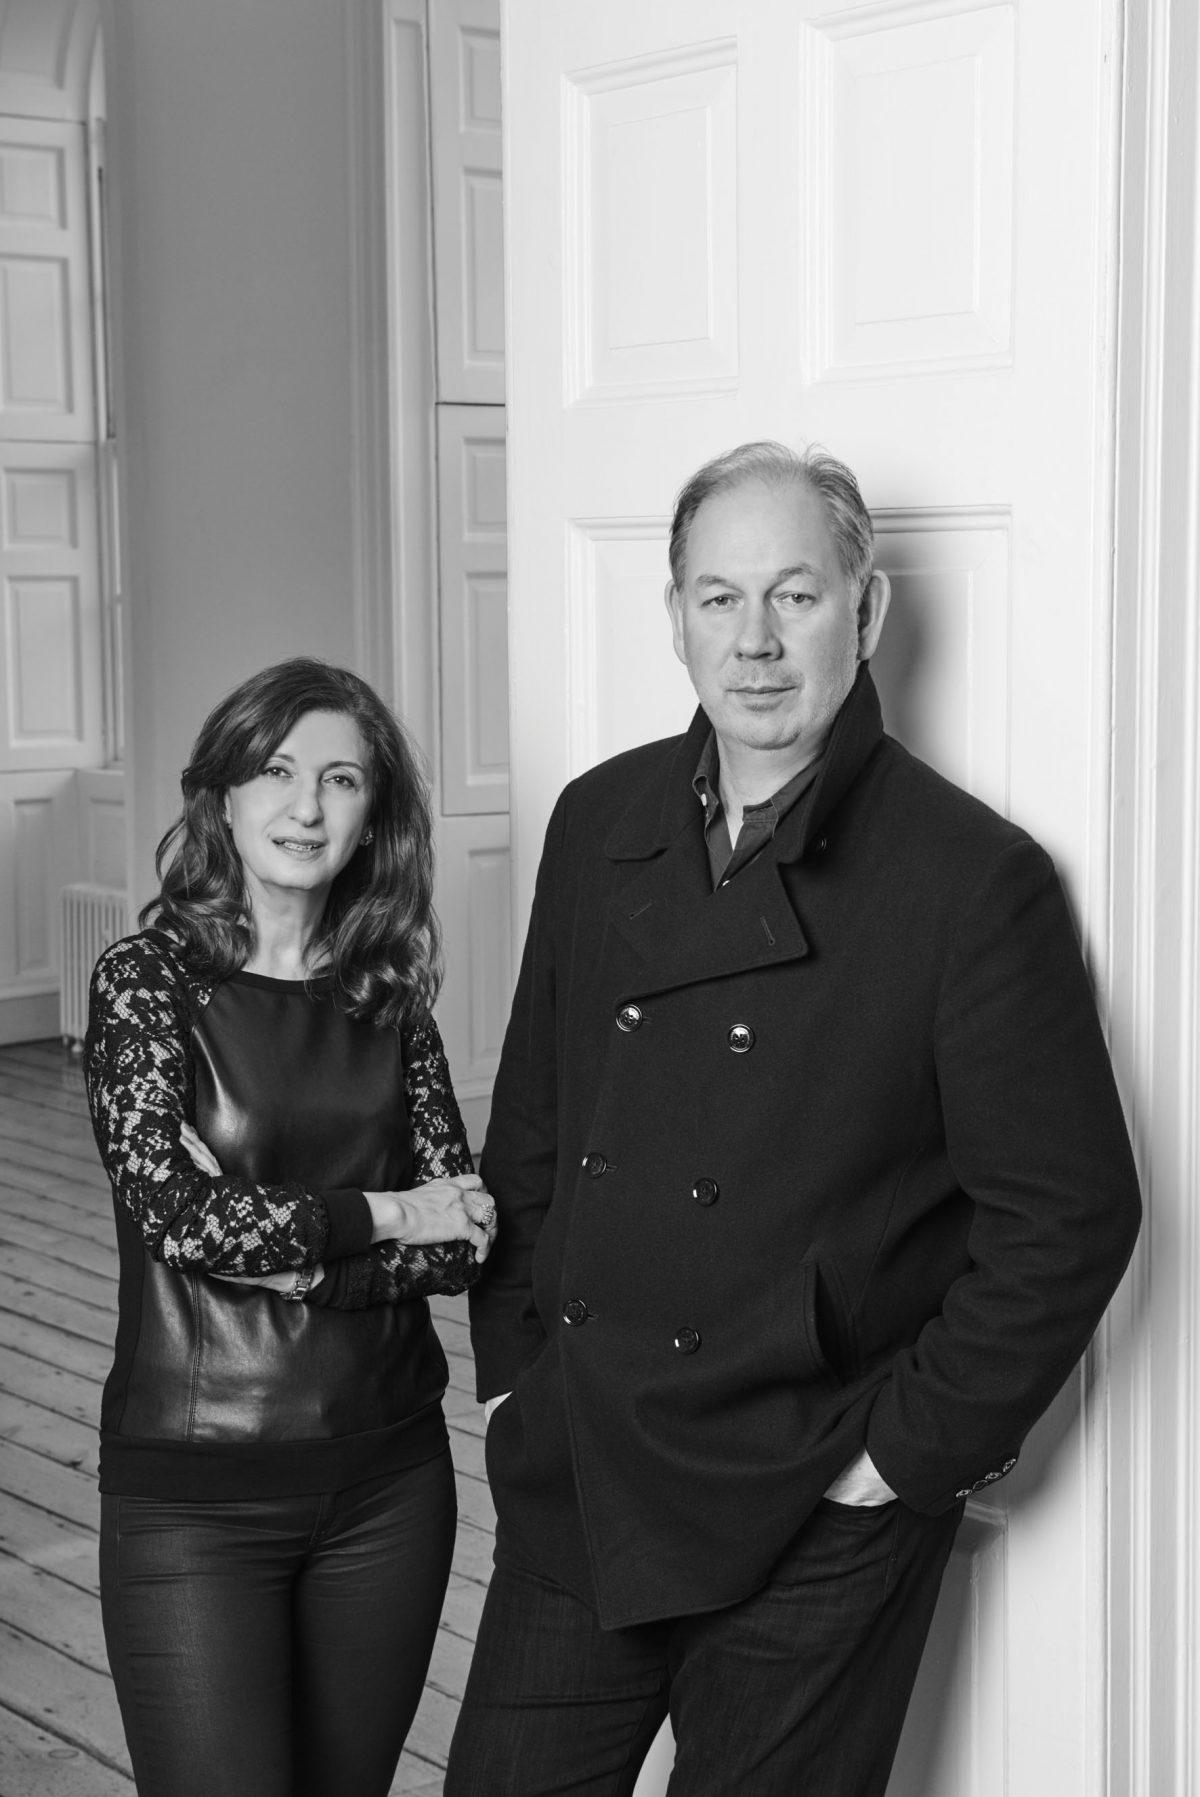 Michael Benson & Fariba Fershad © Philip Sinden / Photo London